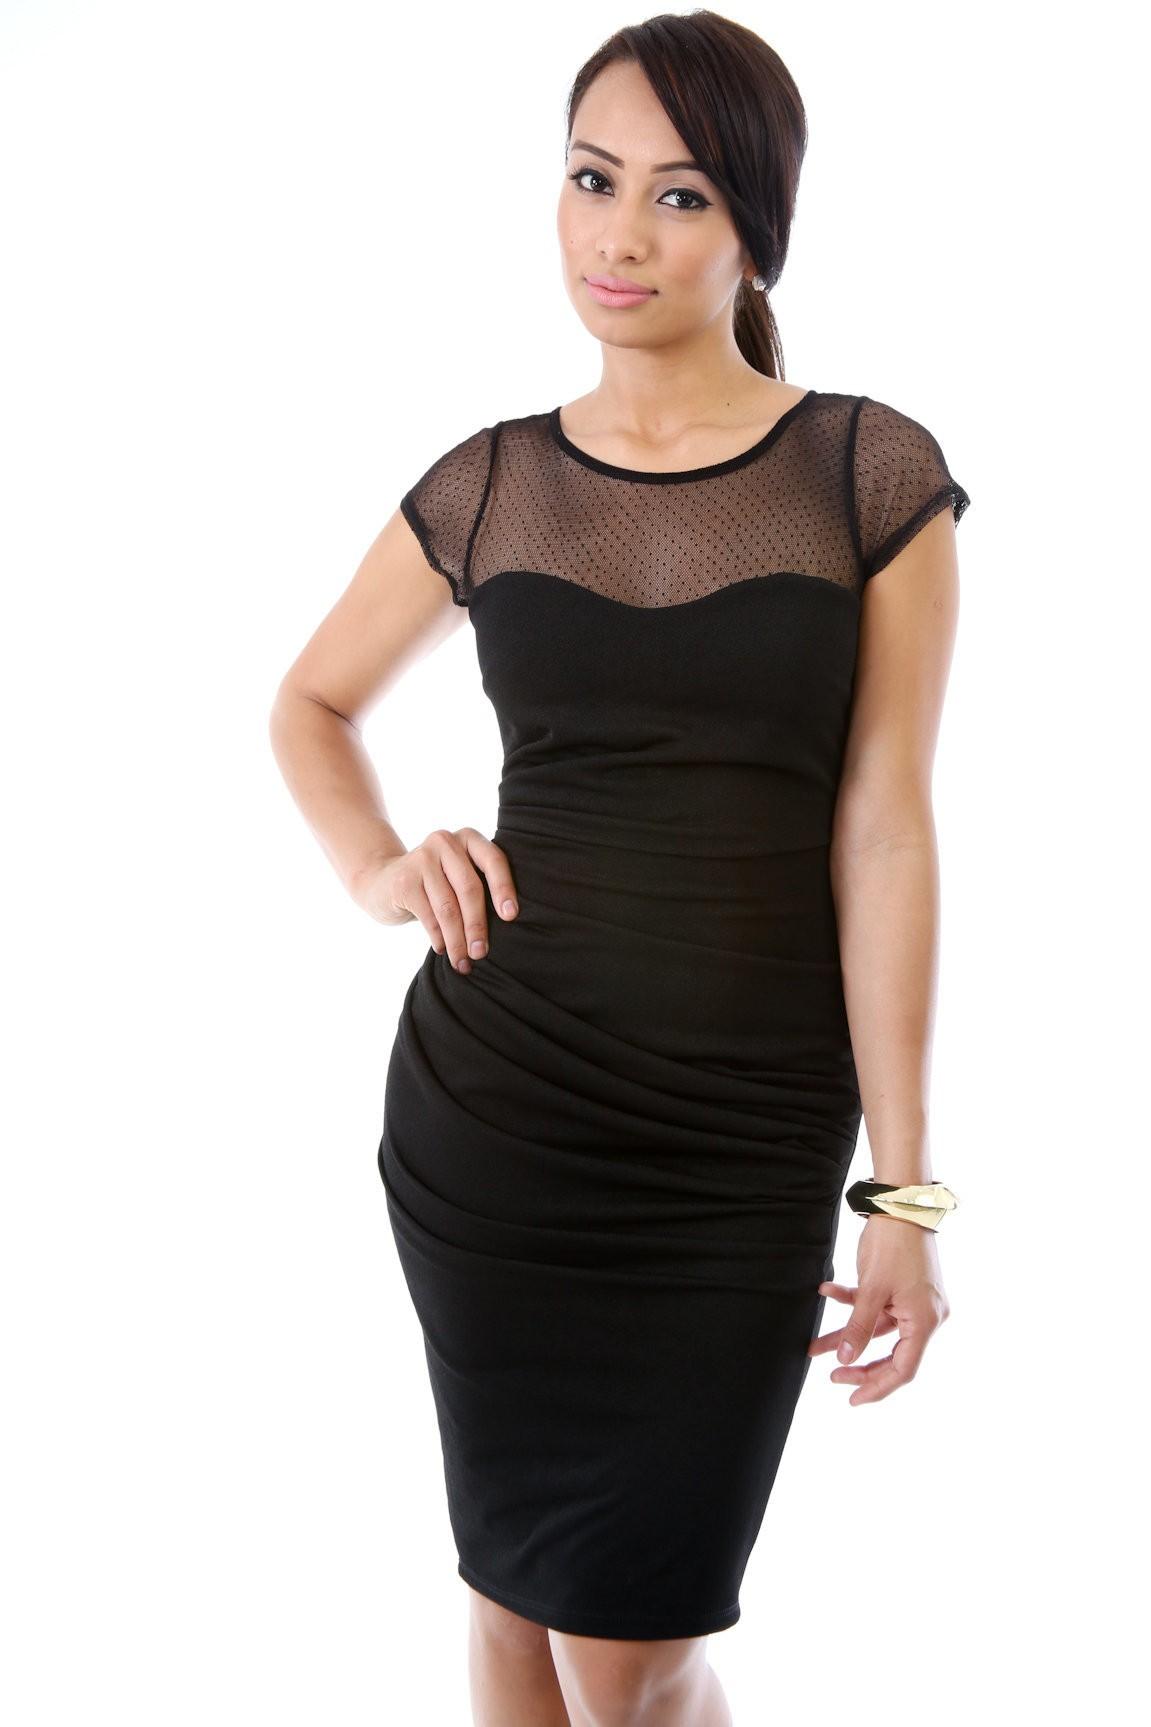 Miss Mesh Dress